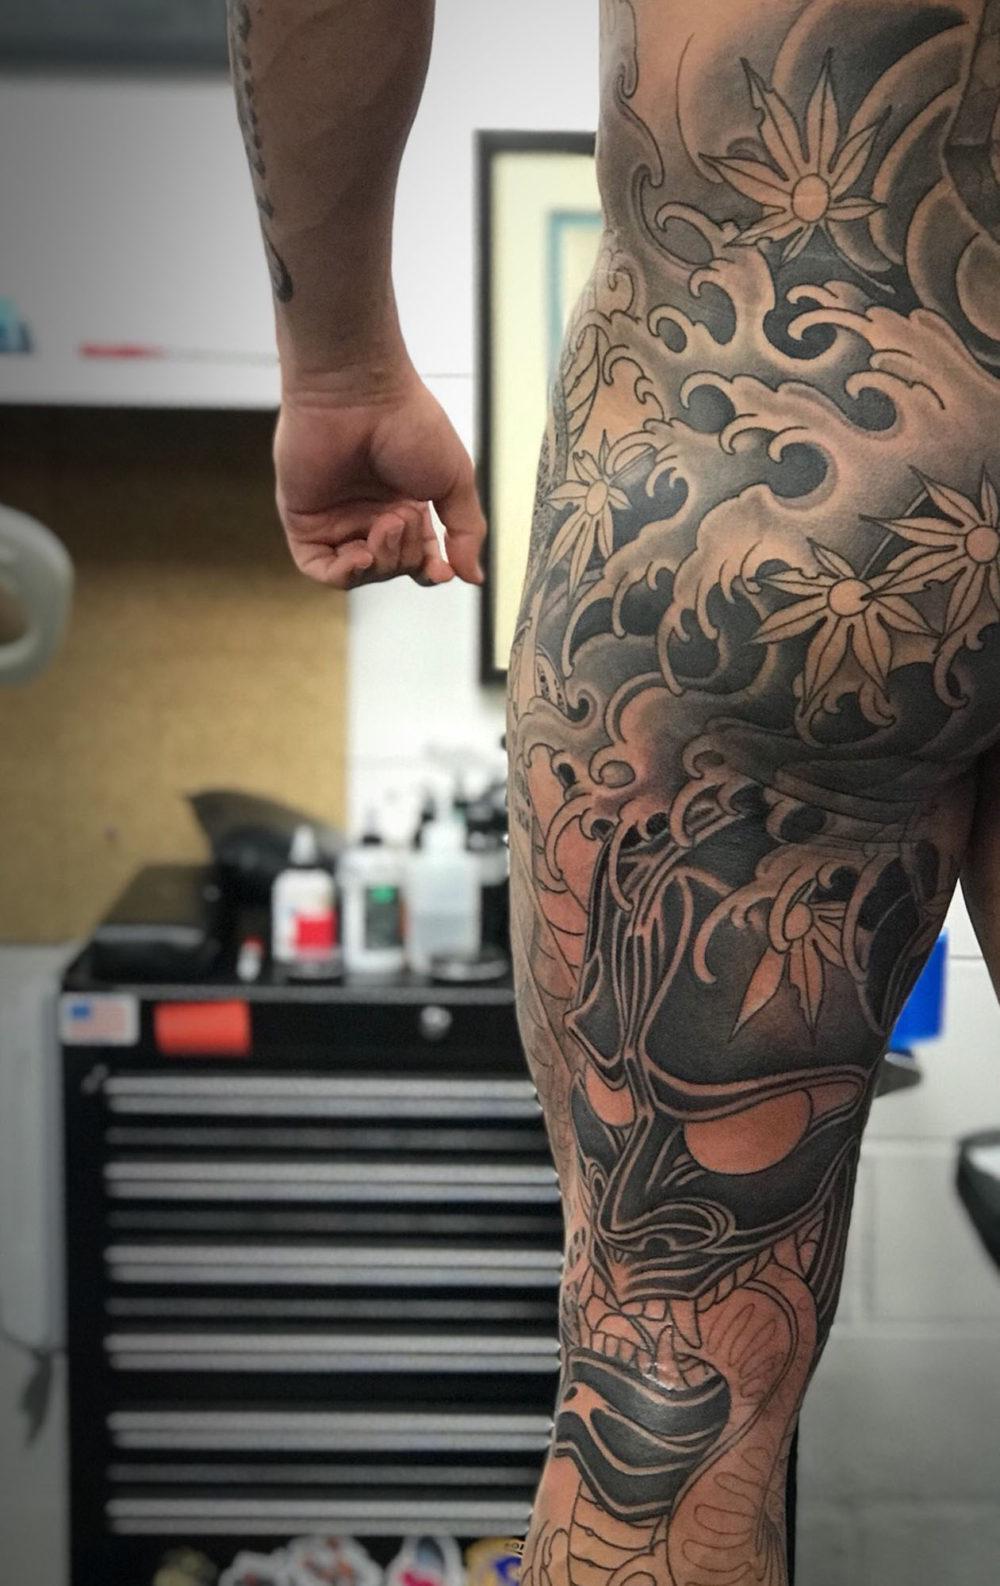 WIP Butt rear leg Tattoo